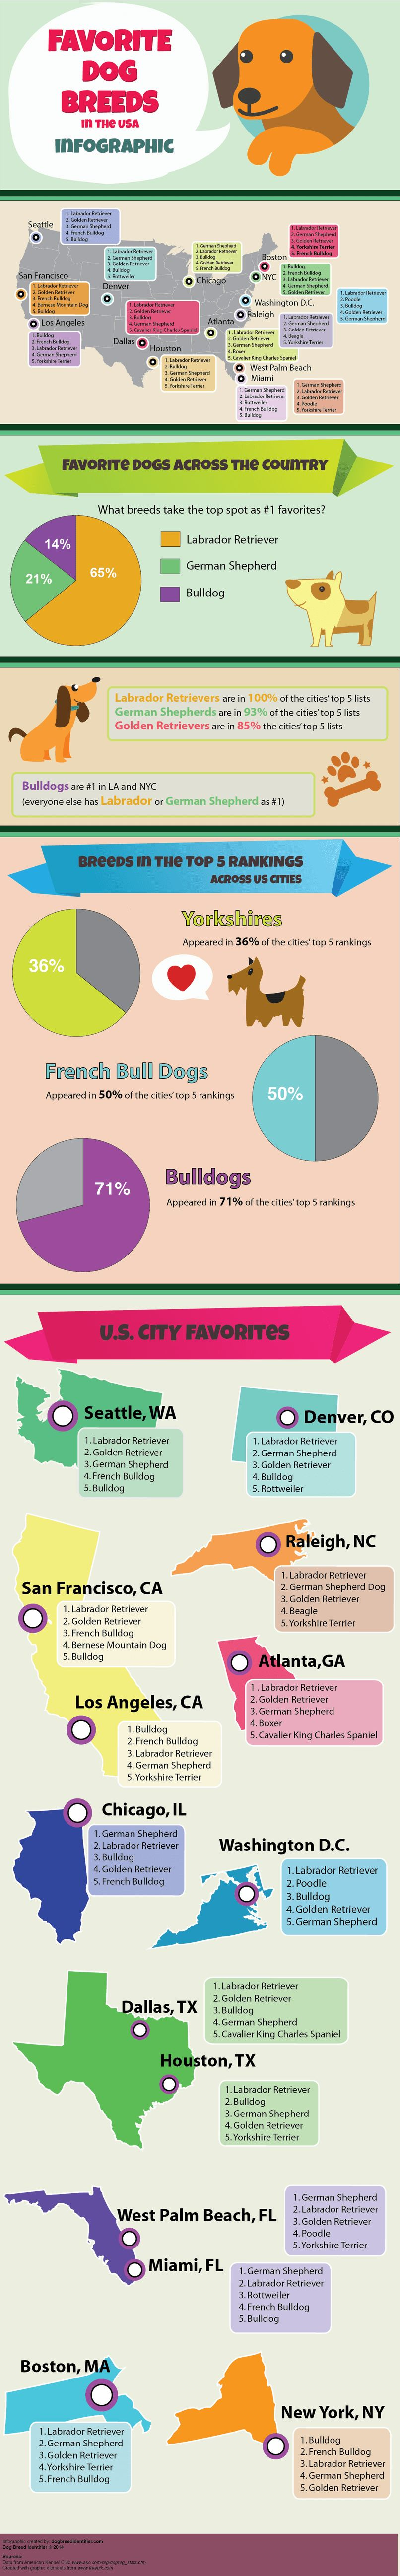 Las principales razas de perros en los EE.UU. Infografía